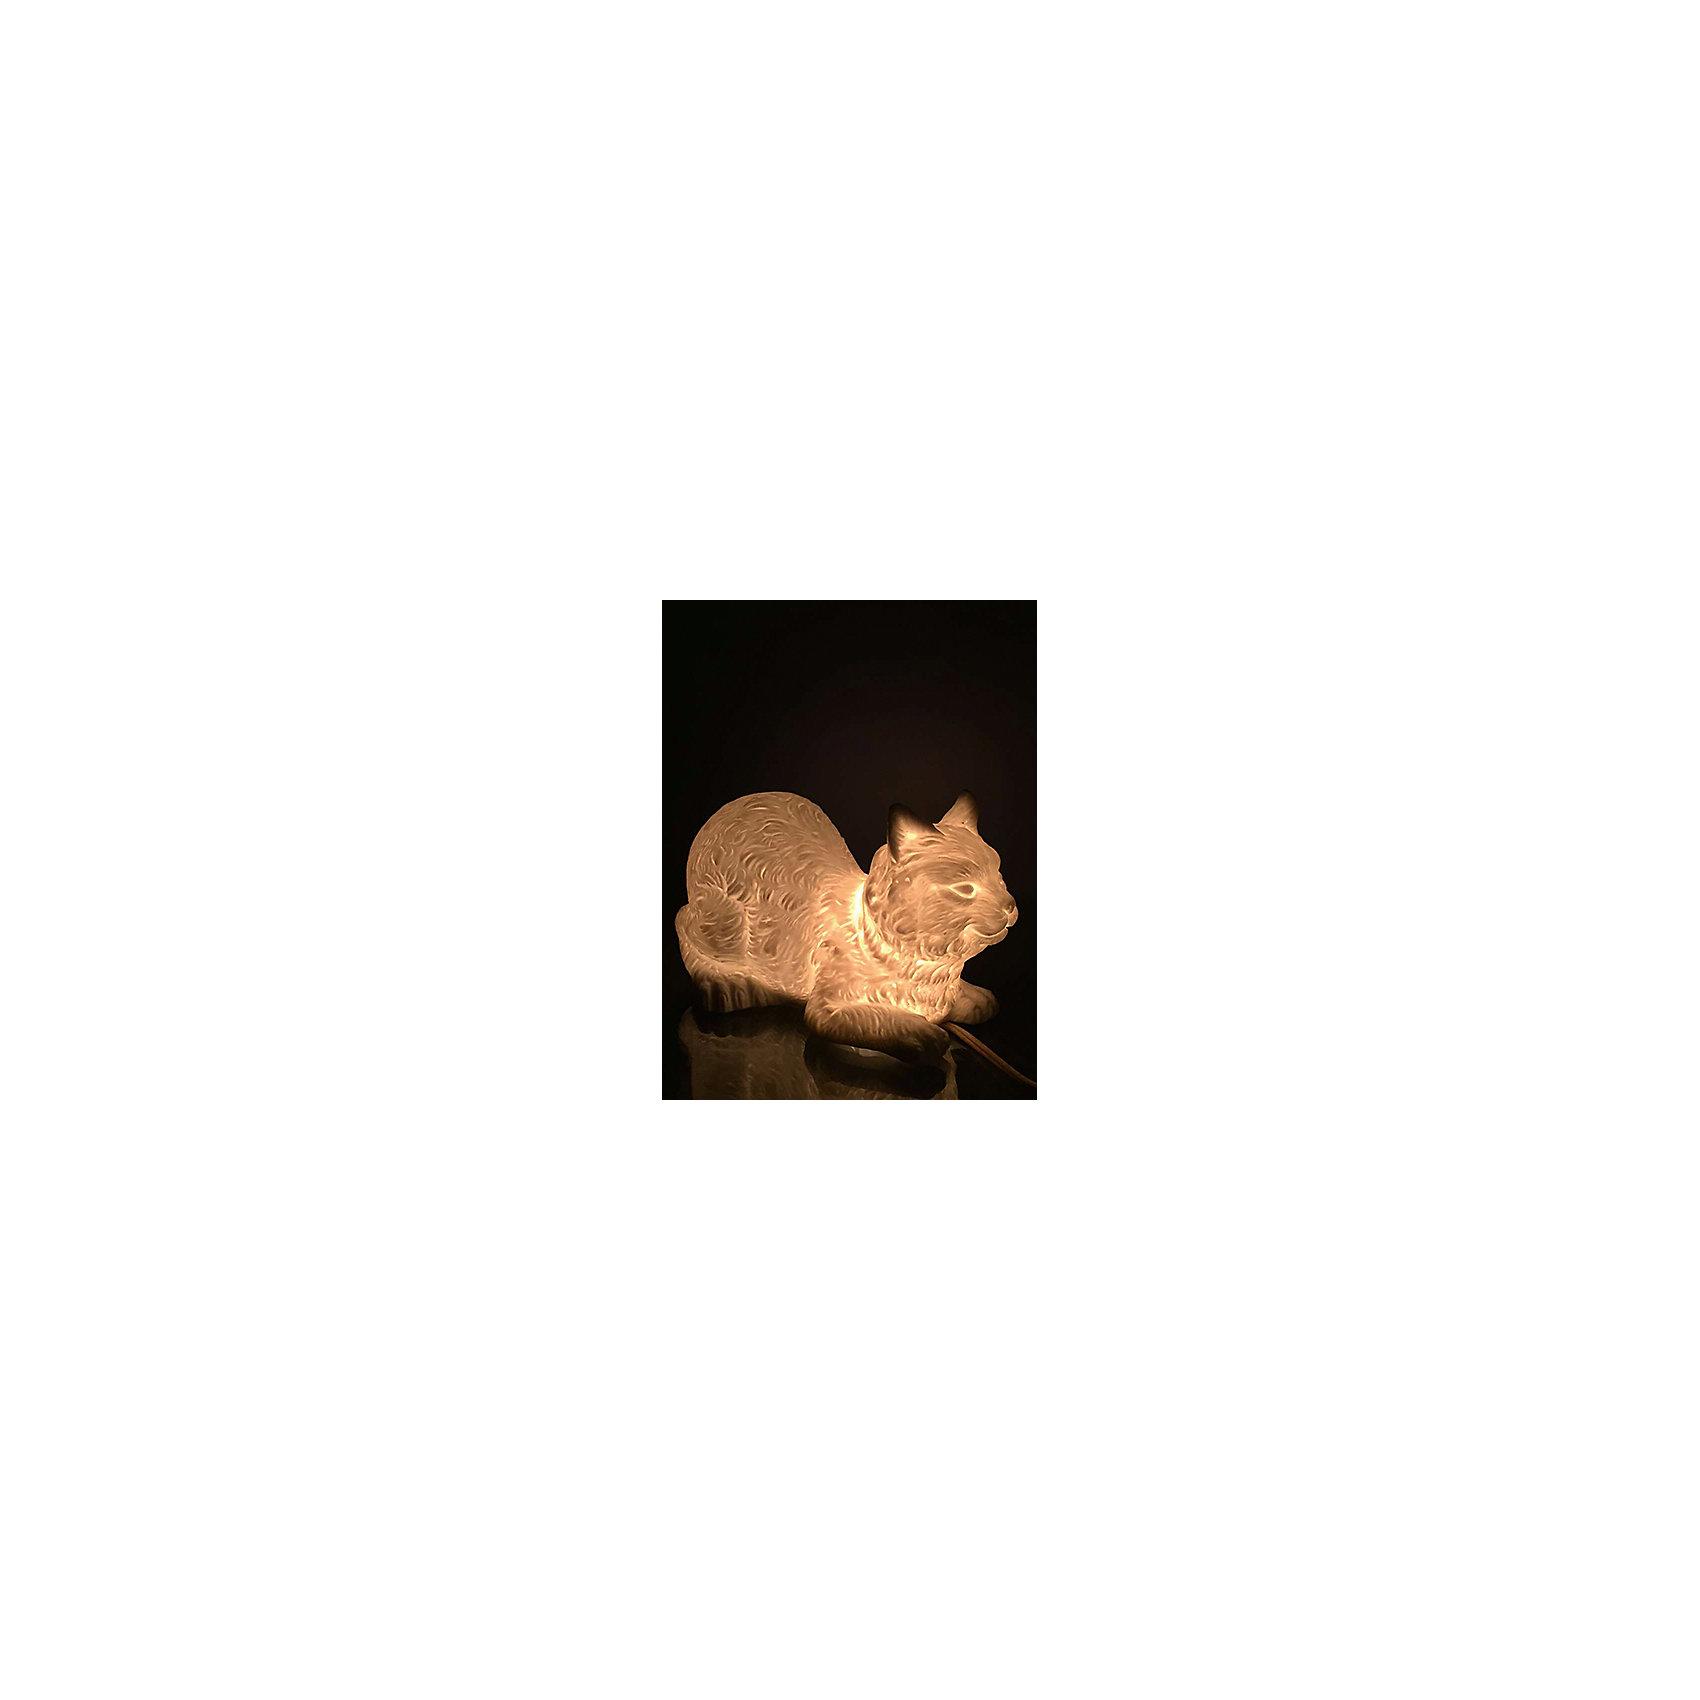 Лампа настольная Кошка, электрическая из фарфора, Феникс-ПрезентЛампы, ночники, фонарики<br>Лампа настольная Кошка, электрическая из фарфора, Феникс-Презент<br><br>Характеристики:<br><br>• красивый светильник в форме кошки<br>• лампа накаливания 220-250 В, 50 Гц<br>• материал: фарфор<br>• размер: 21х12,5х12 см<br><br>Настольная лампа Кошка очарует вас своей красотой и мягким освещением. Лампа изготовлена из качественного фарфора и выполнена в форме лежащей кошки. Такой оригинальный светильник займет достойное место в комнате или станет приятным подарком! Размер лампы - 21х12,5х12 сантиметров.<br><br>Лампу настольную Кошка, электрическую из фарфора, Феникс-Презент вы можете купить в нашем интернет-магазине.<br><br>Ширина мм: 510<br>Глубина мм: 440<br>Высота мм: 350<br>Вес г: 9750<br>Возраст от месяцев: 120<br>Возраст до месяцев: 2147483647<br>Пол: Унисекс<br>Возраст: Детский<br>SKU: 5449758